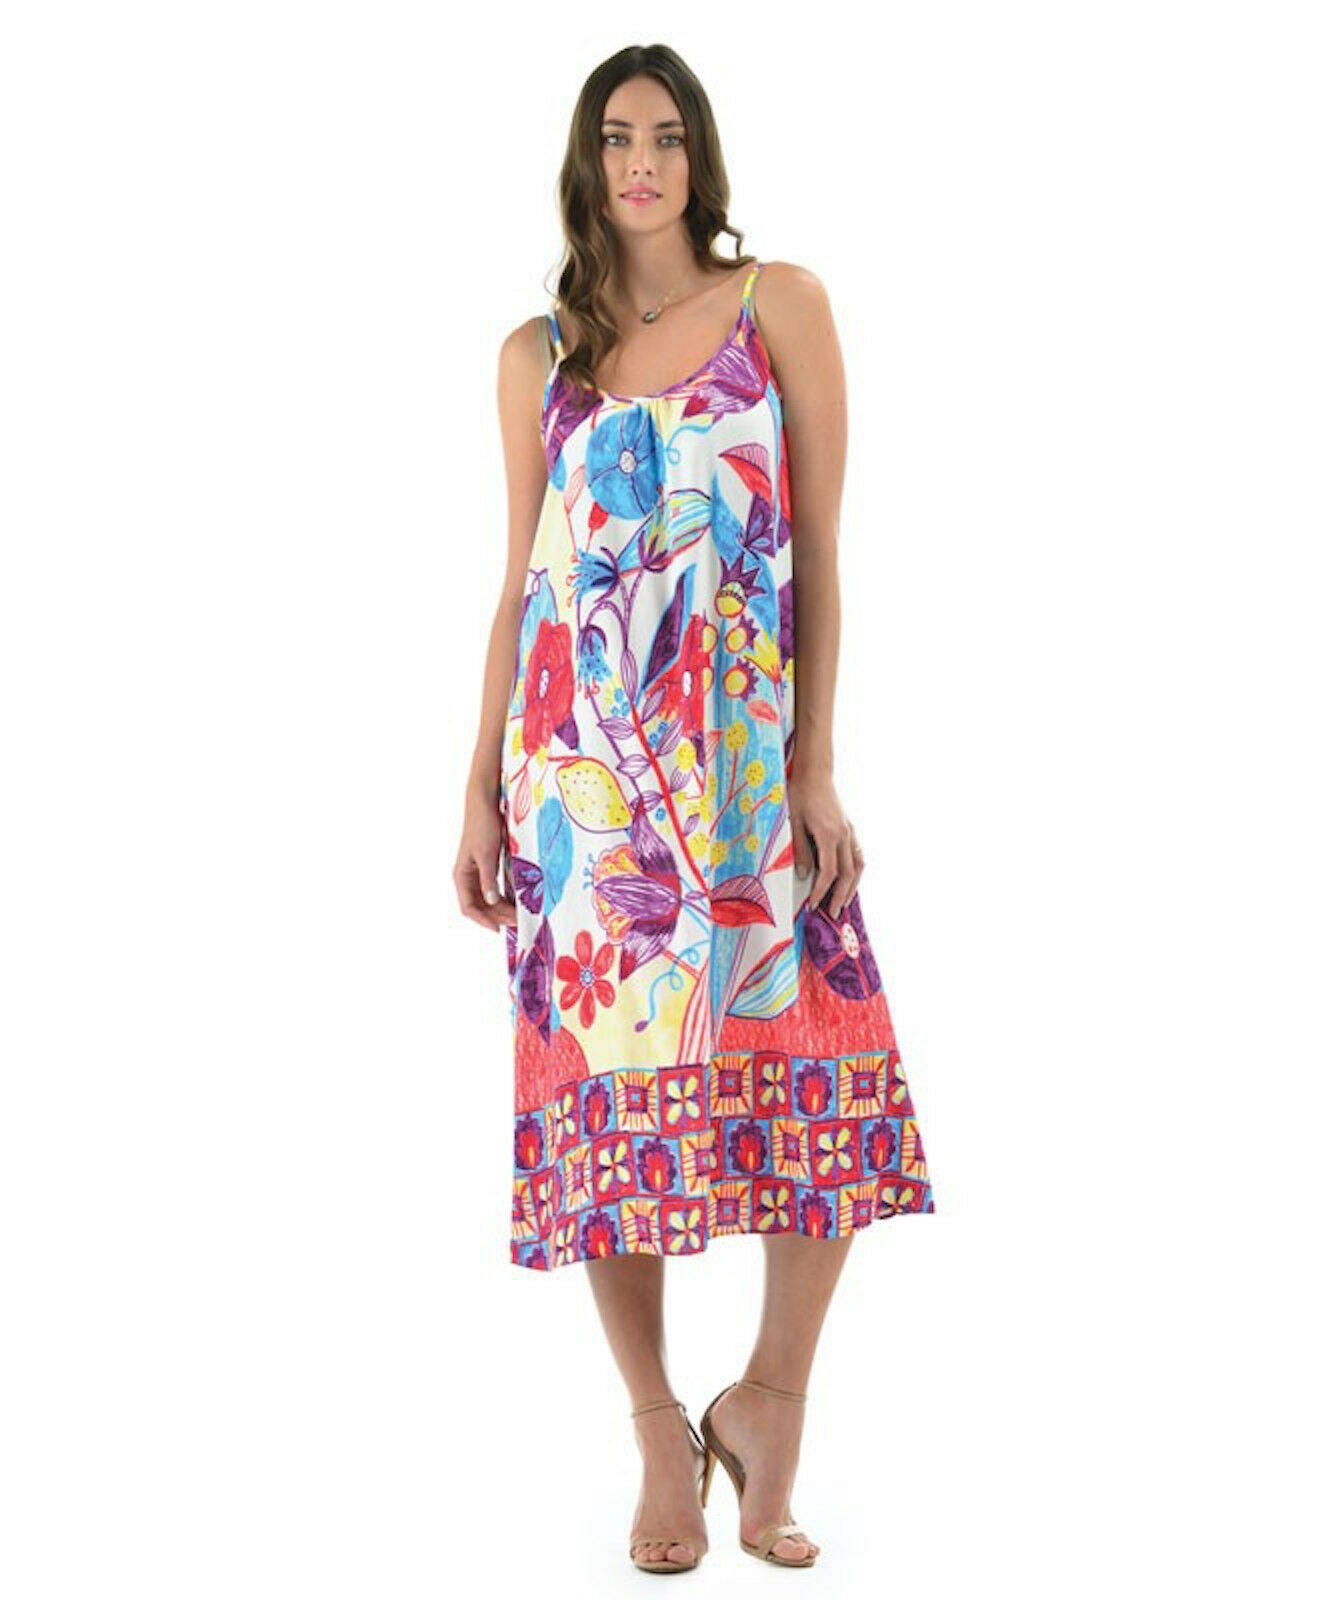 nyA Jams värld Ariana Dress Trinity Hawaiian Print Sundress XL Made in USA